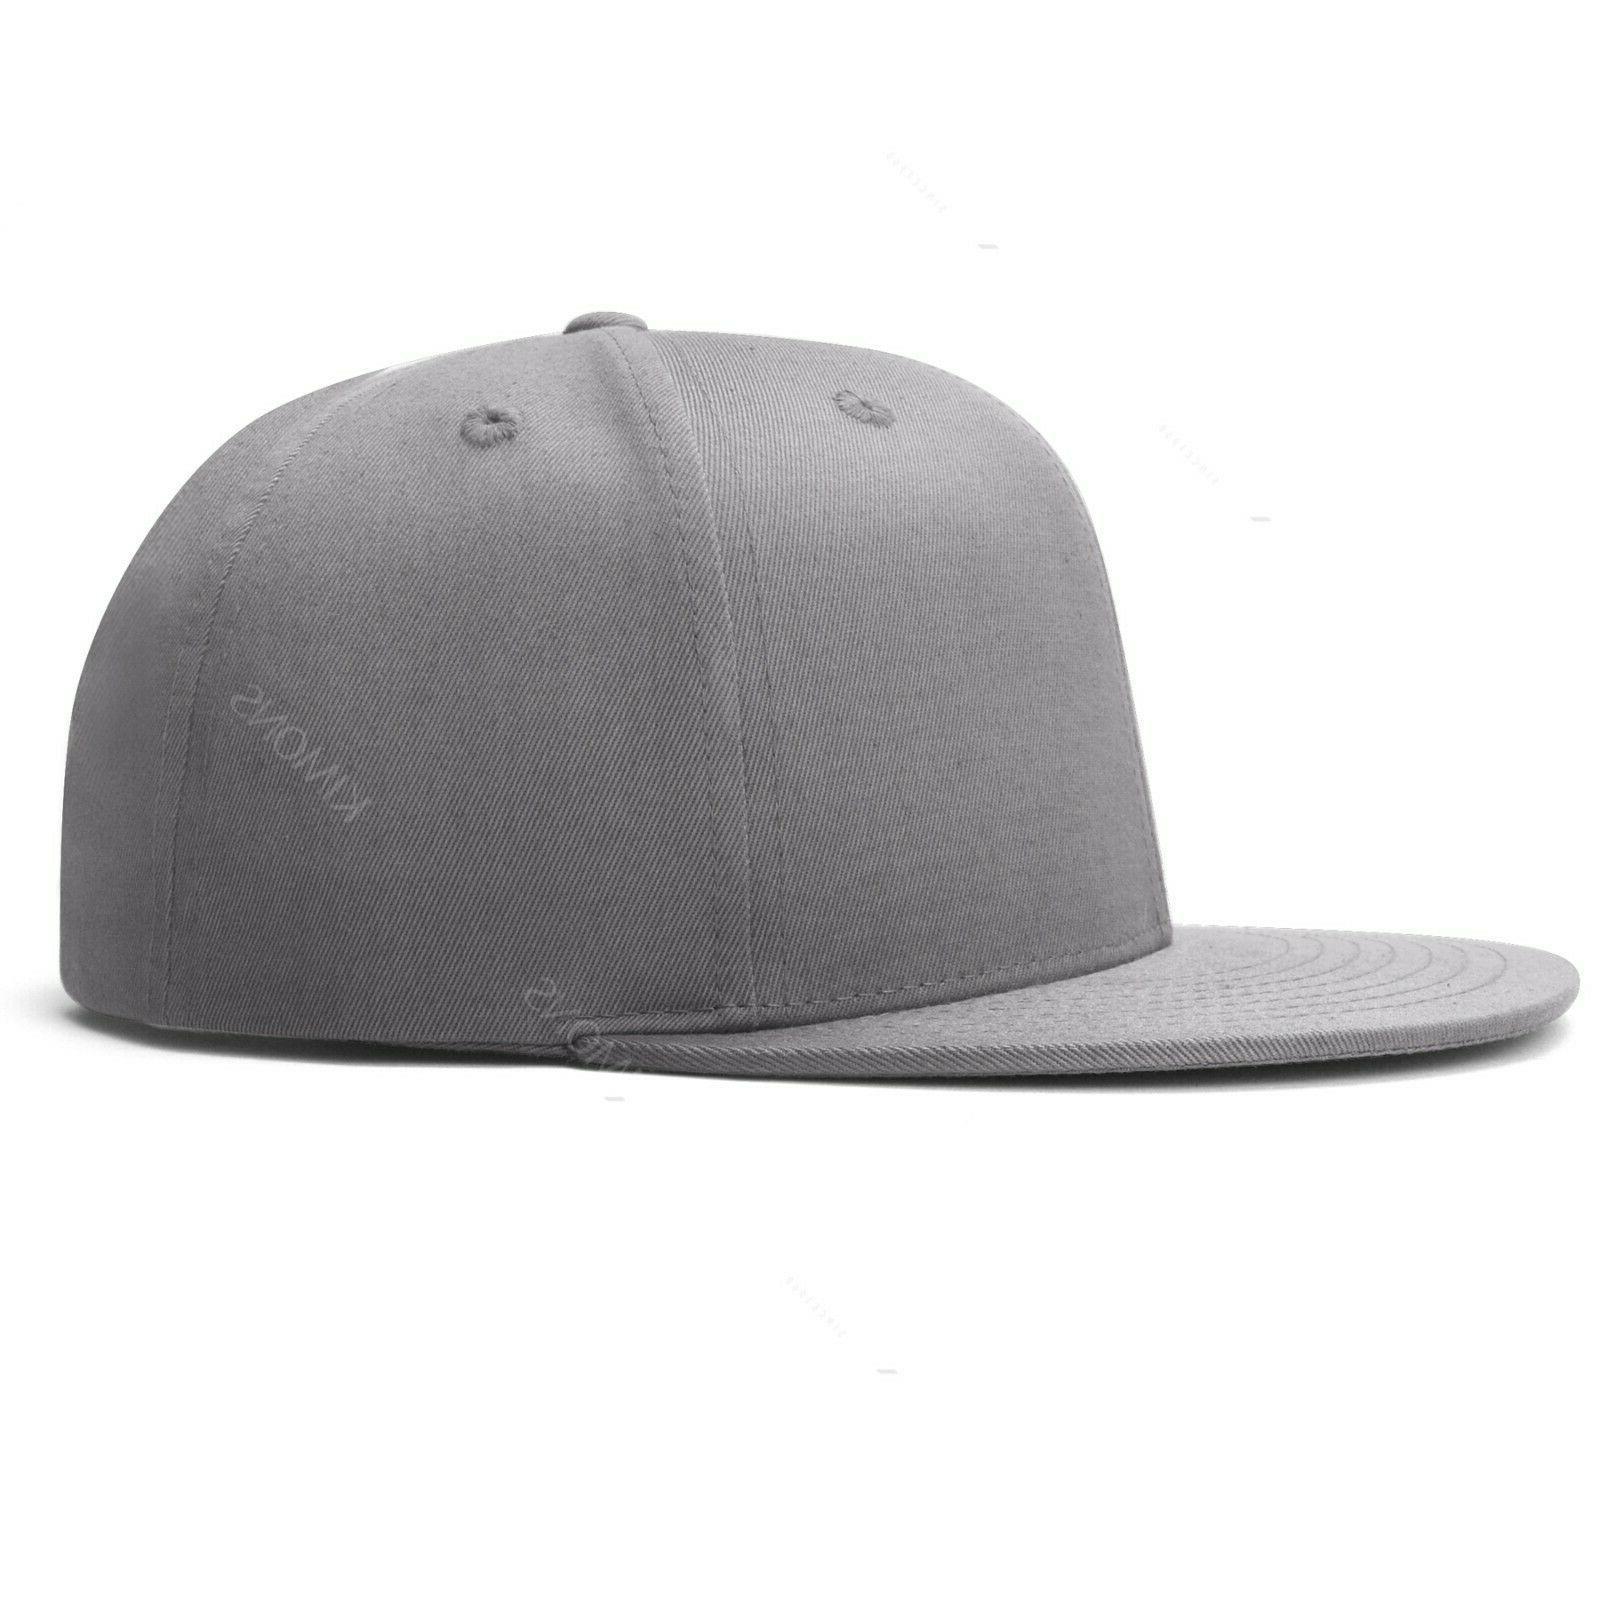 Snapback Hat Classic Hip Hop Flat Brim Cap Solid Army